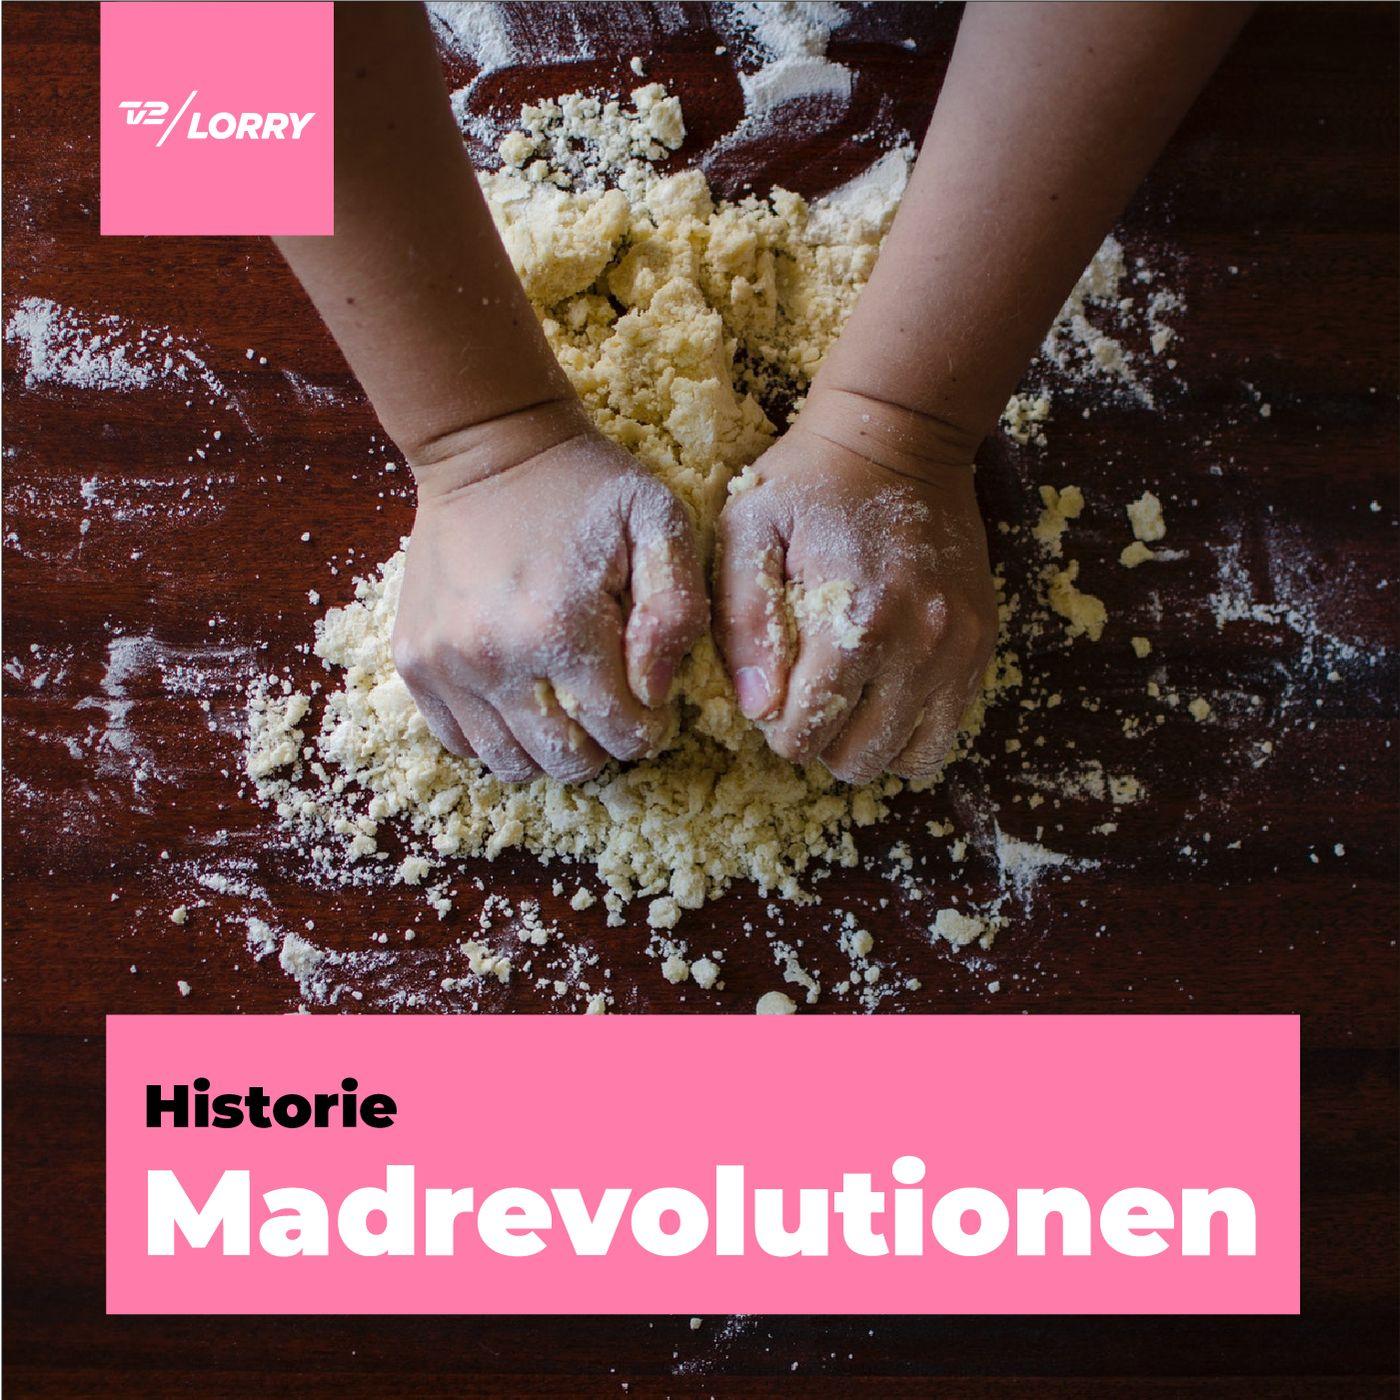 Madrevolutionen - Fra sur mælk til eksporteventyr